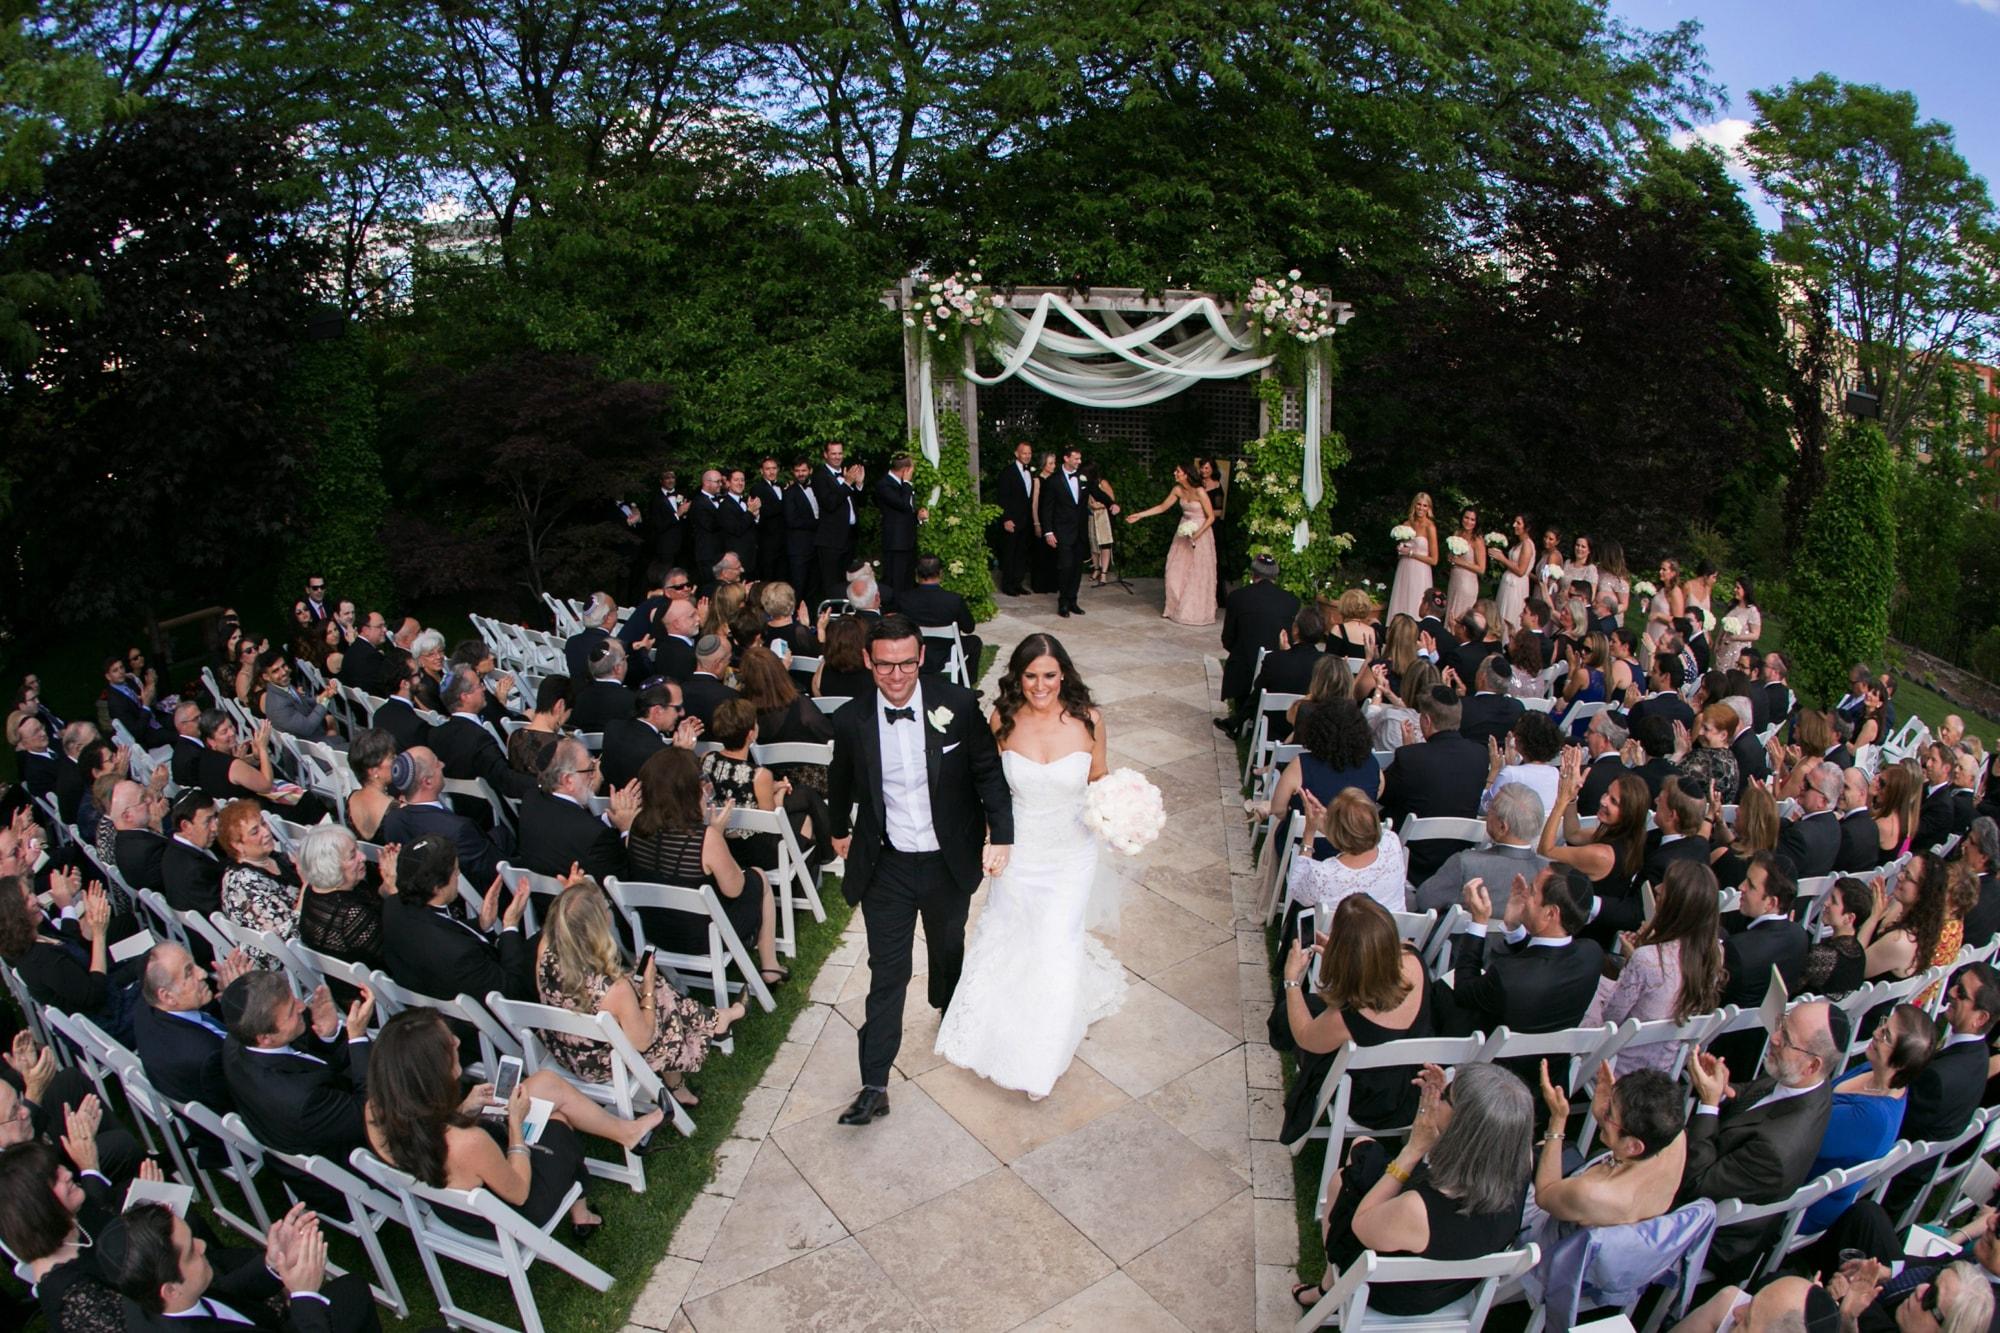 Wedding ceremony at Galleria Marchetti